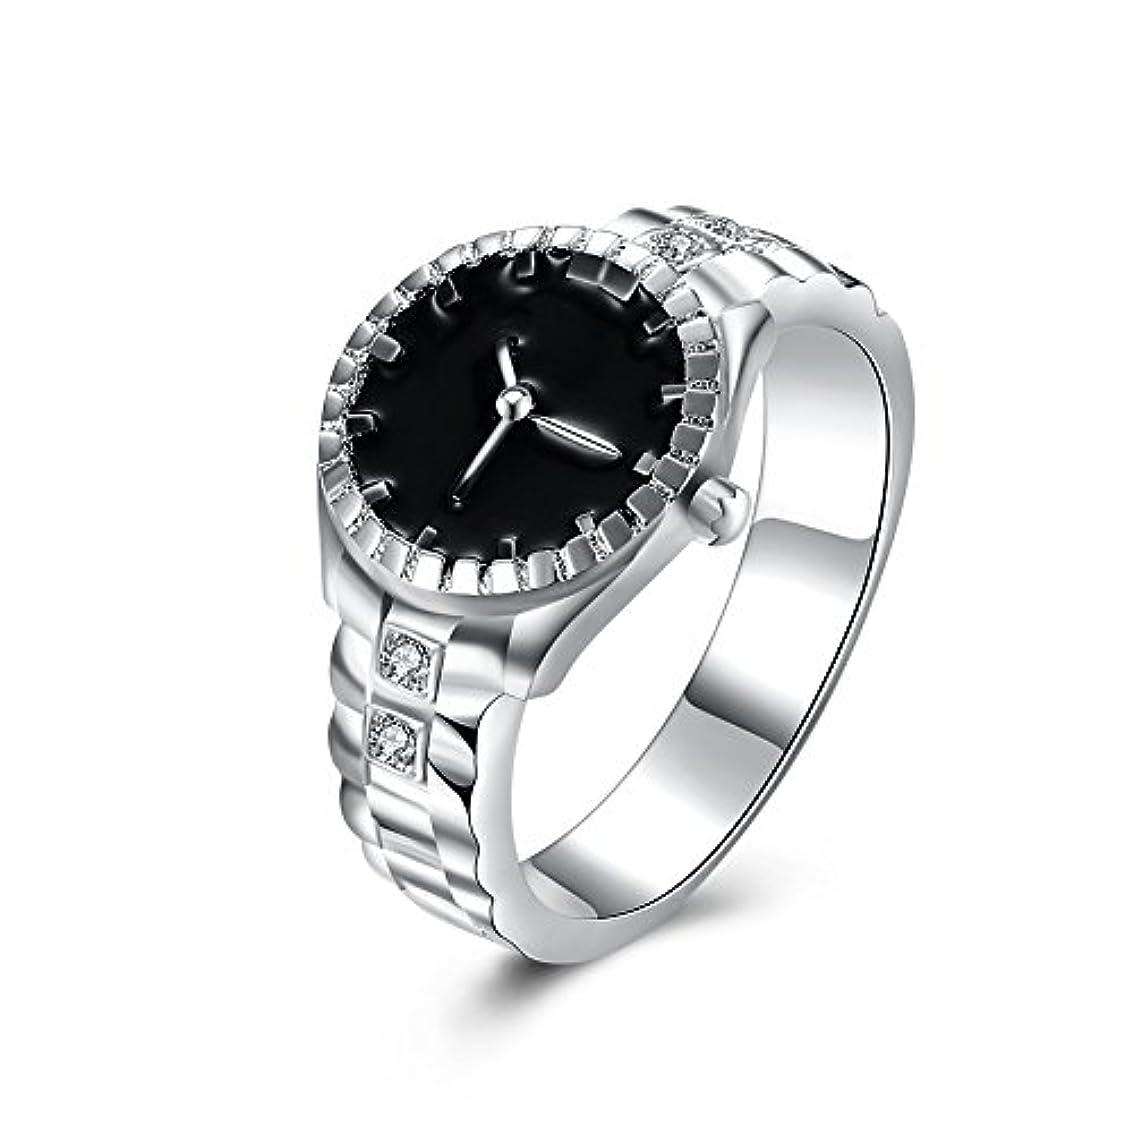 悲観主義者先行する食事925スターリングシルバーメッキ時計型ダイヤモンドリングファッションジュエリー周年記念ギフト (マルチカラー)